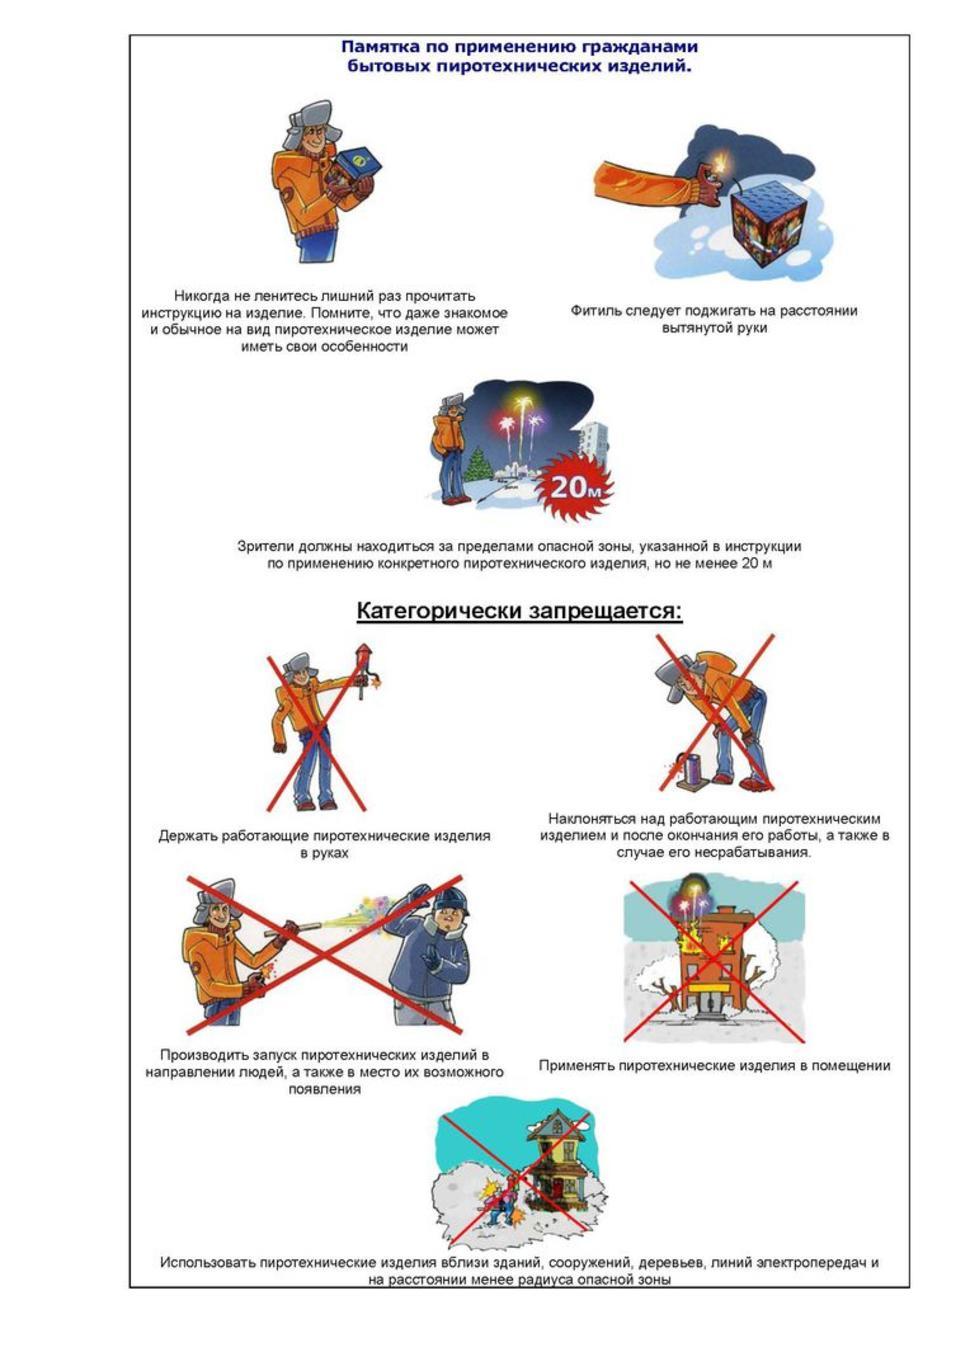 Порядок и перечень требований при подготовке и проведении фейерверков в местах массового пребывания людей с использованием пиротехнических изделий